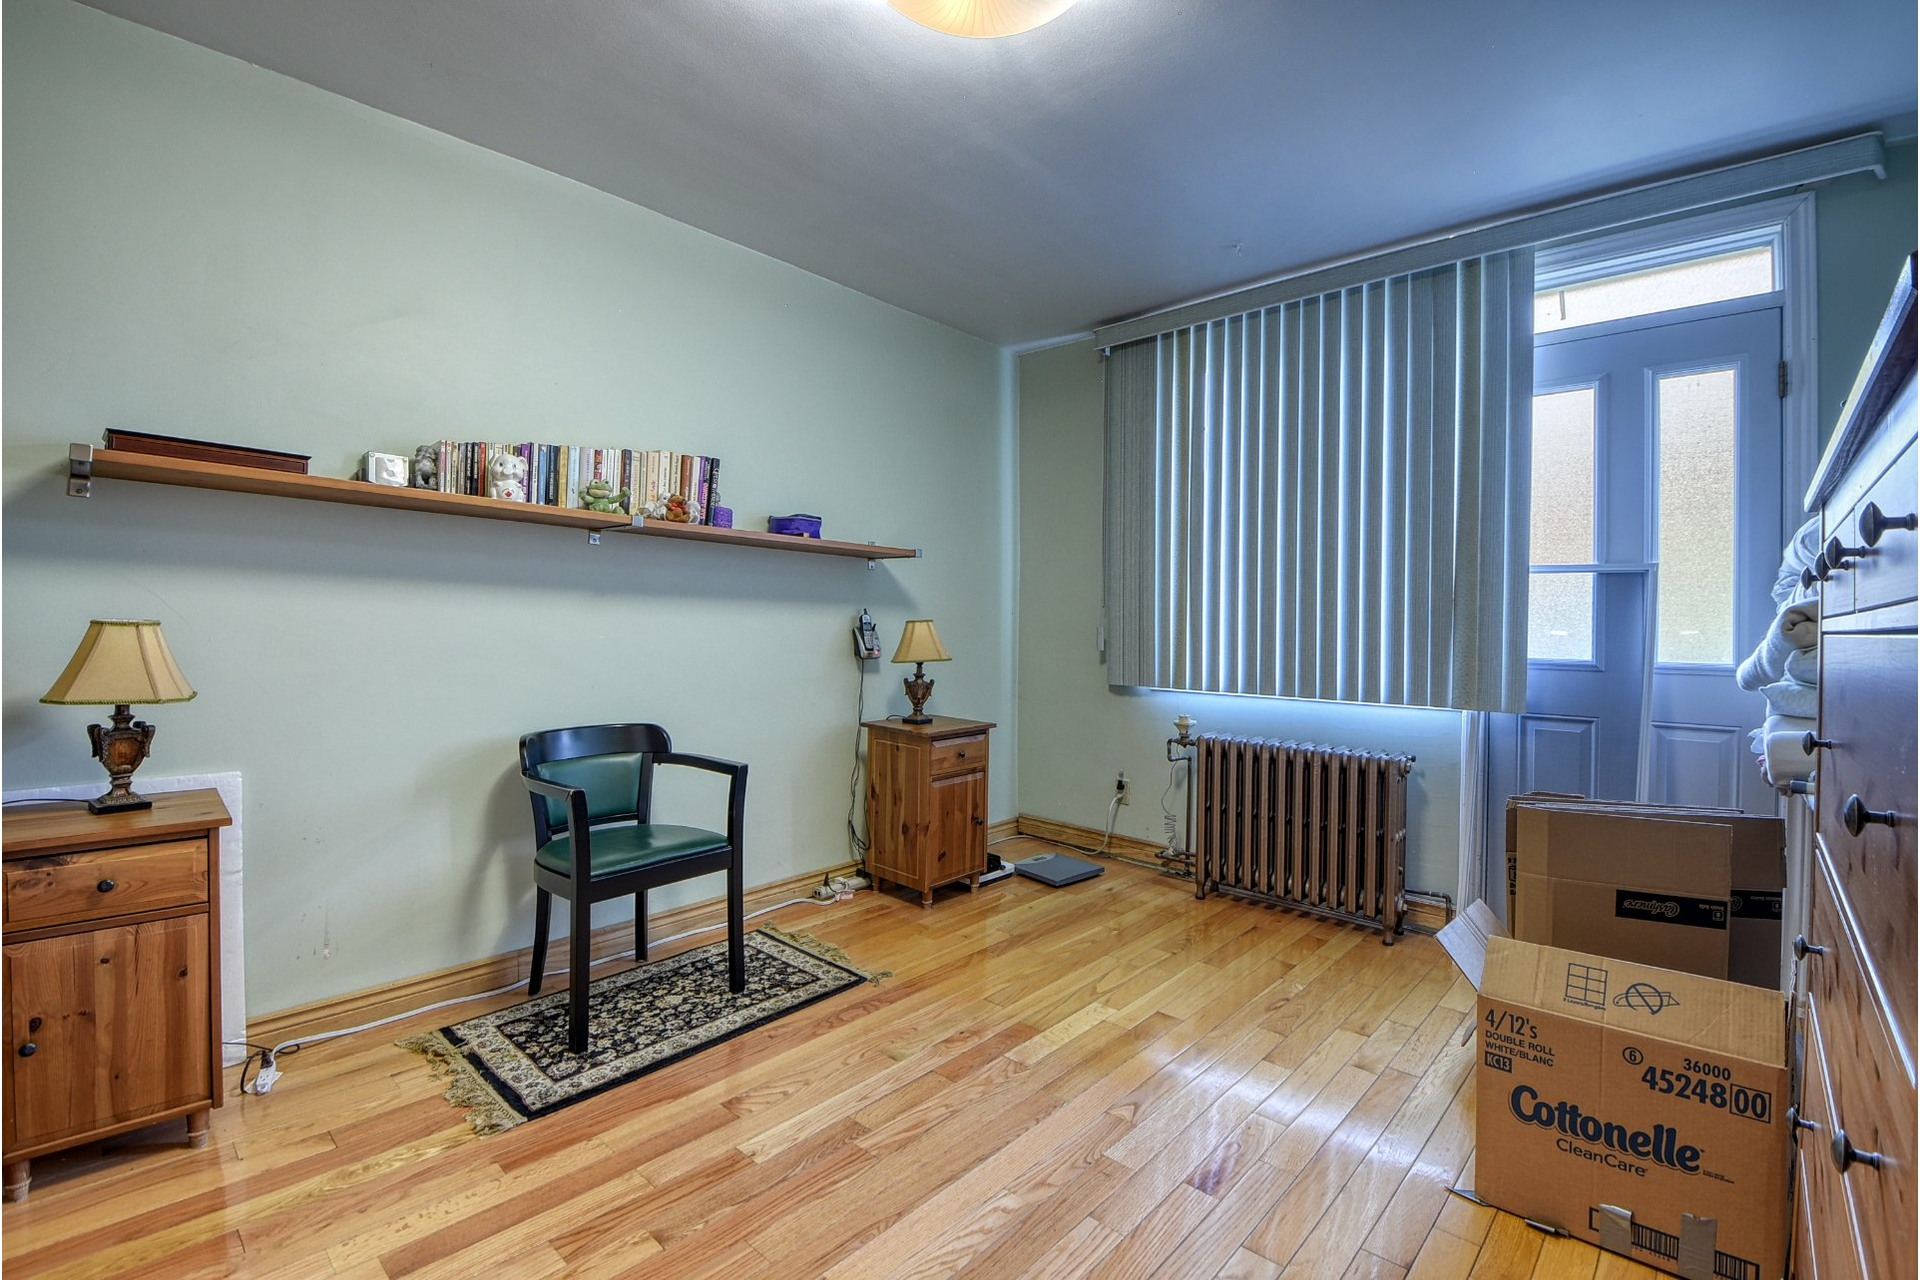 image 9 - Apartment For rent Côte-des-Neiges/Notre-Dame-de-Grâce Montréal  - 6 rooms